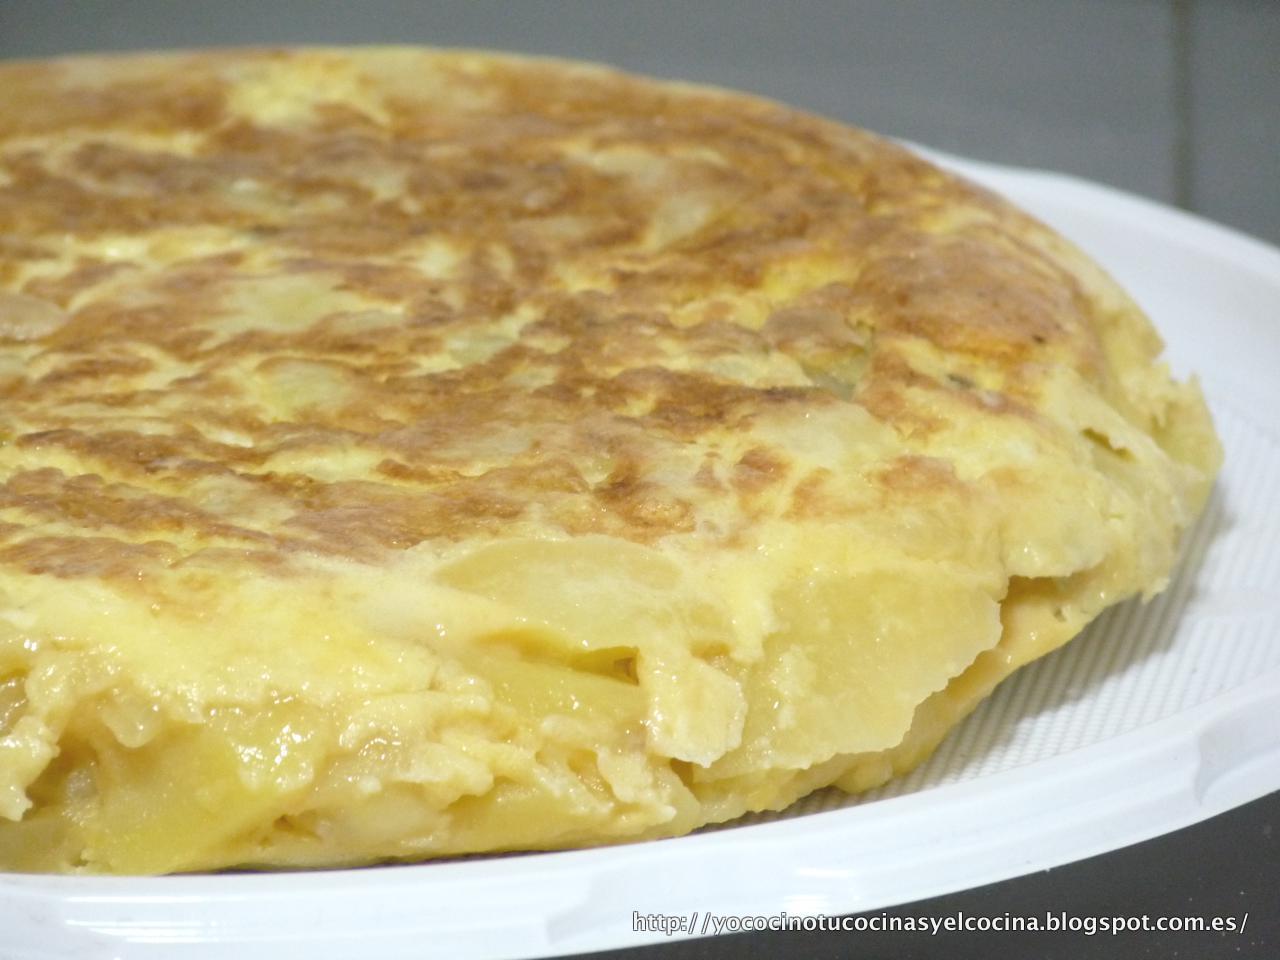 ... , tú cocinas y él cocina...: La mejor Tortilla de Patata del Mundo